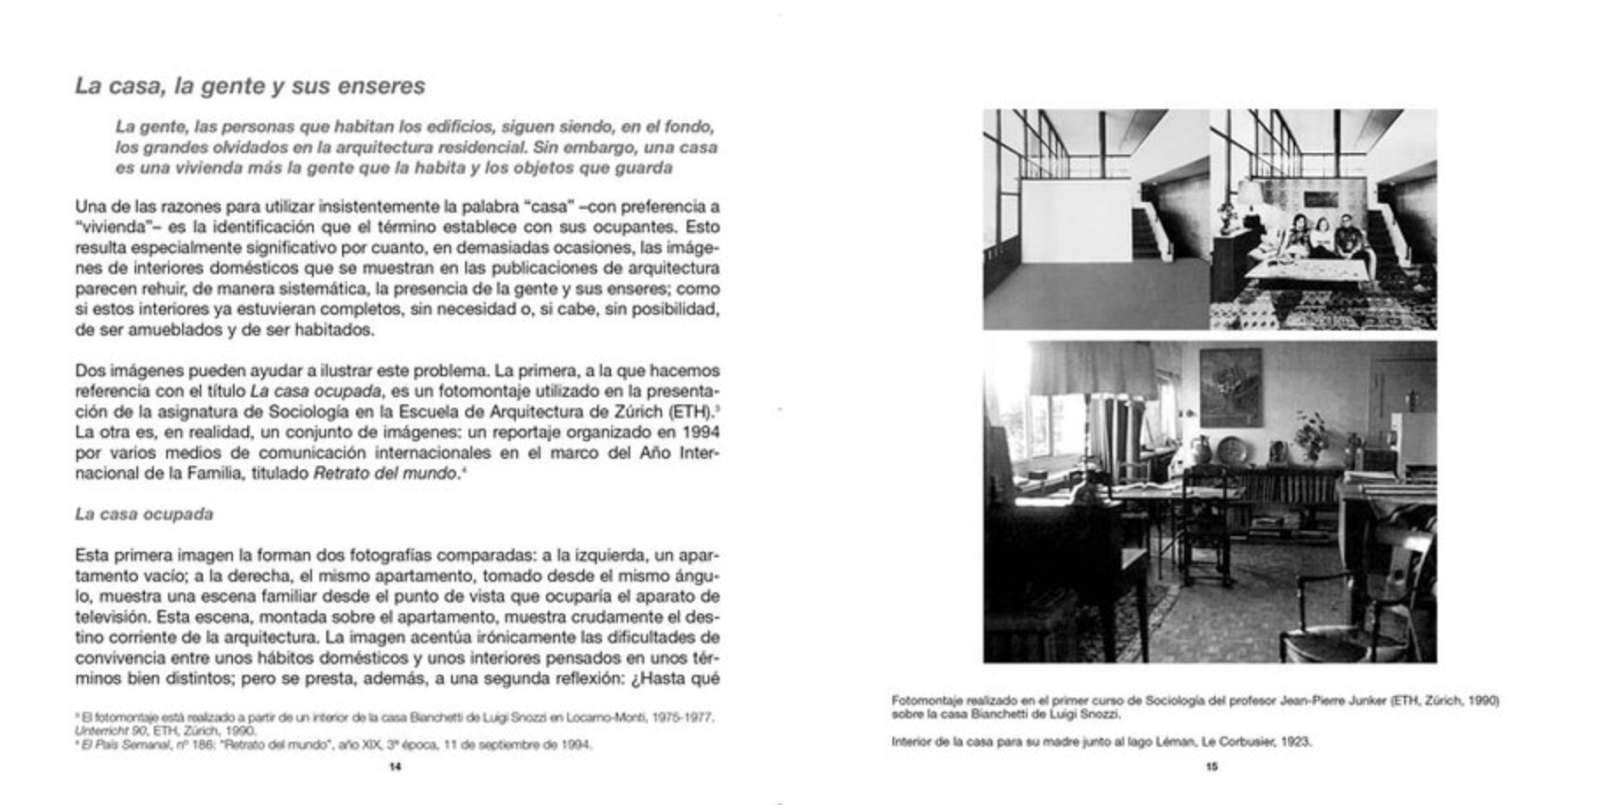 arquilecturas: Usos y casas [I]